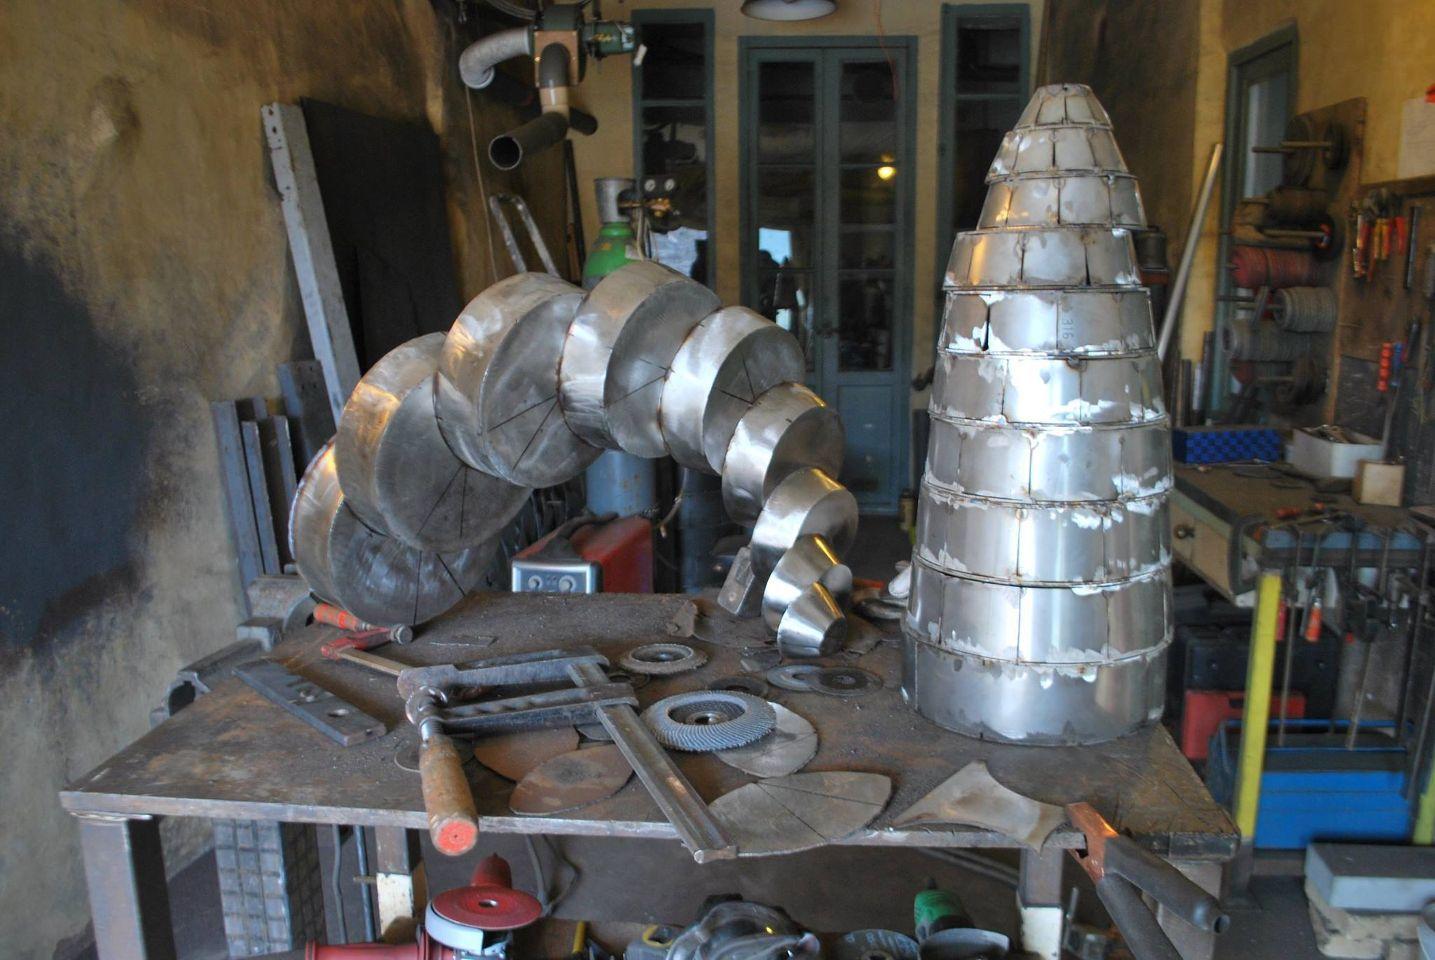 Felix-valdelievre-sculpture-atelier-000001